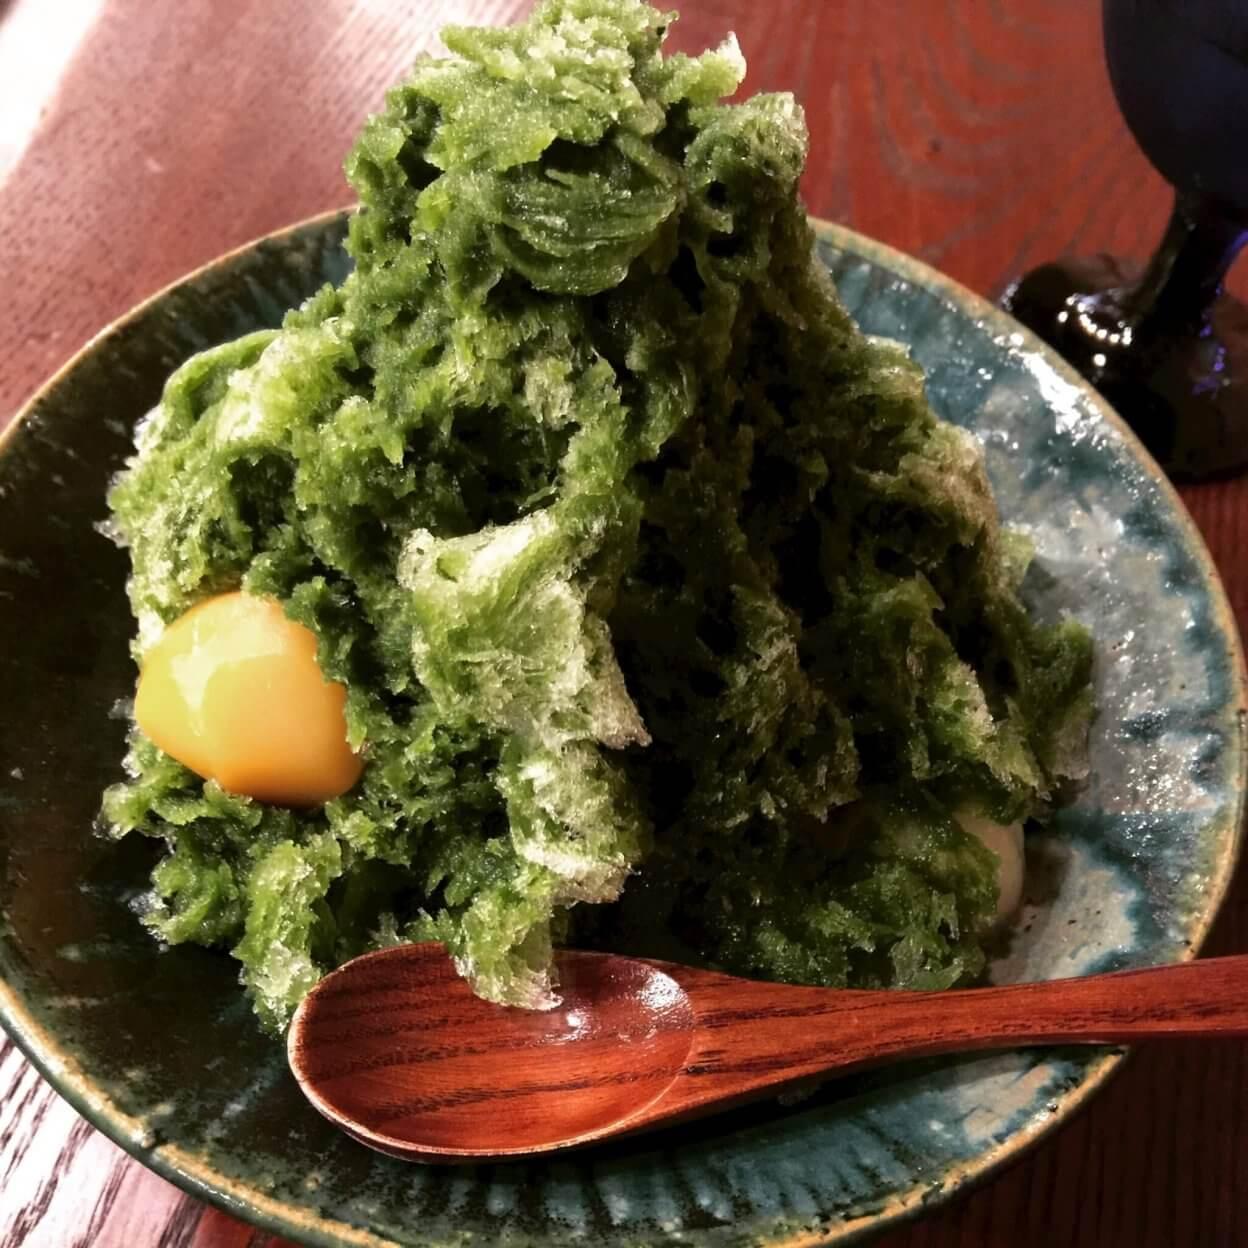 金沢、和菓子店「菓舗Kazu Nakashima(カホ カズナカシマ)でいただくかき氷